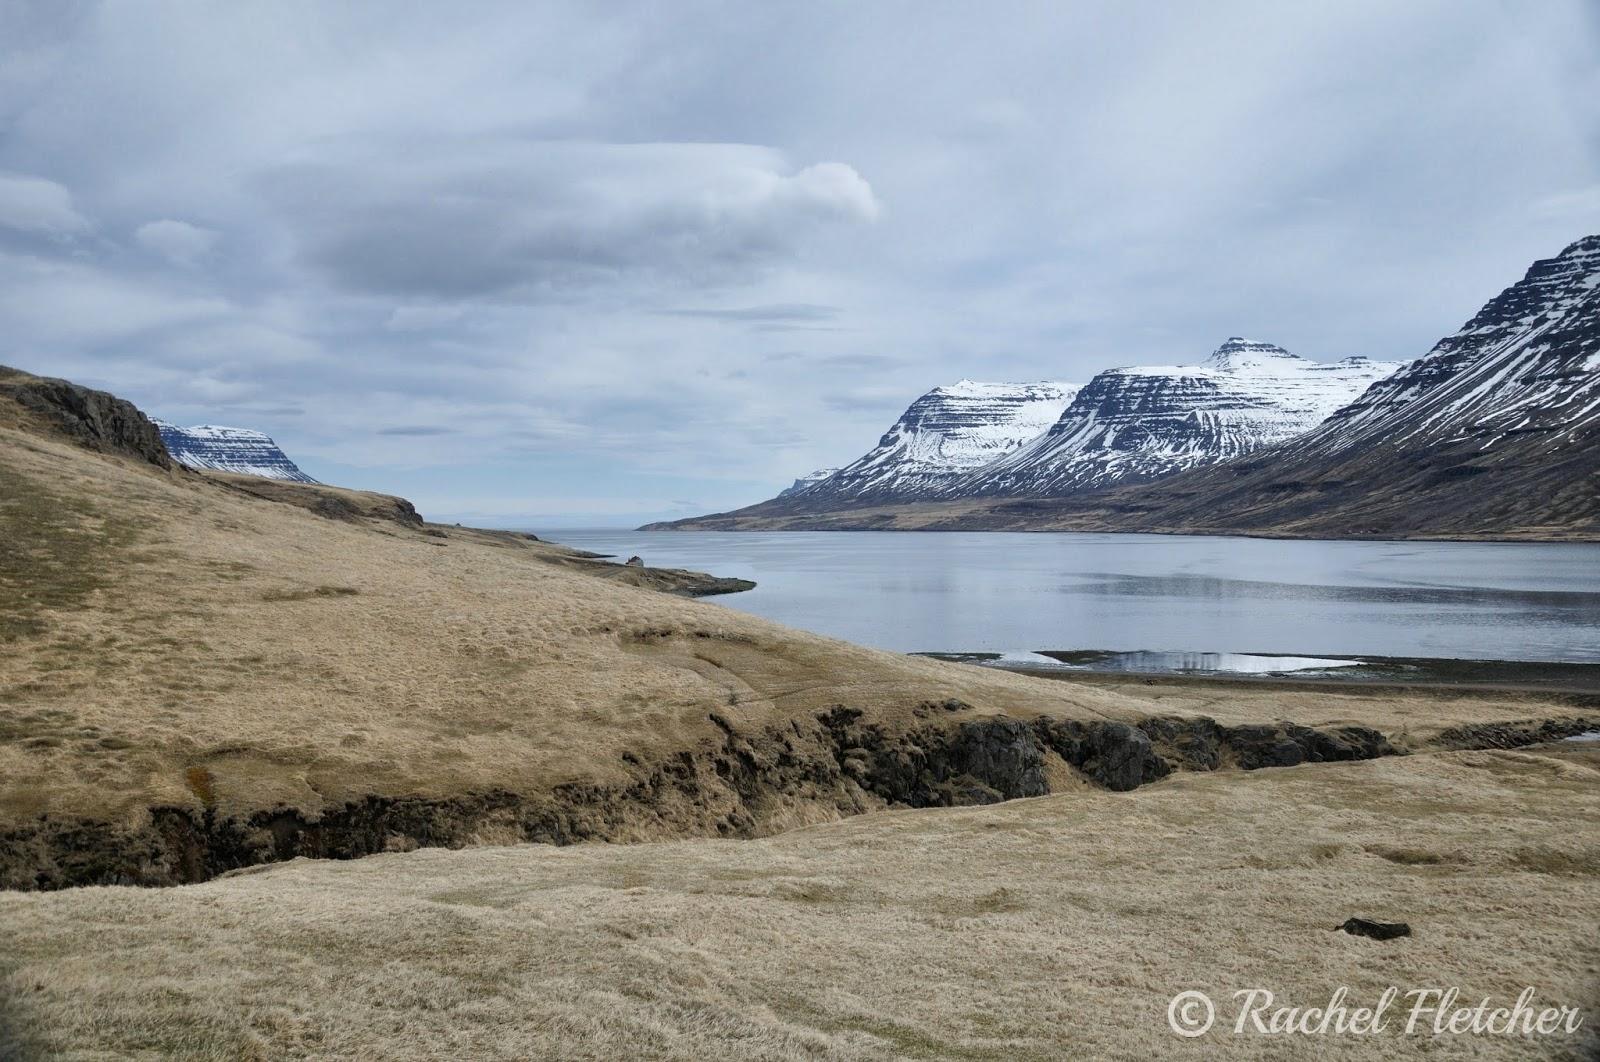 Outskirts of Seyðisfjörður